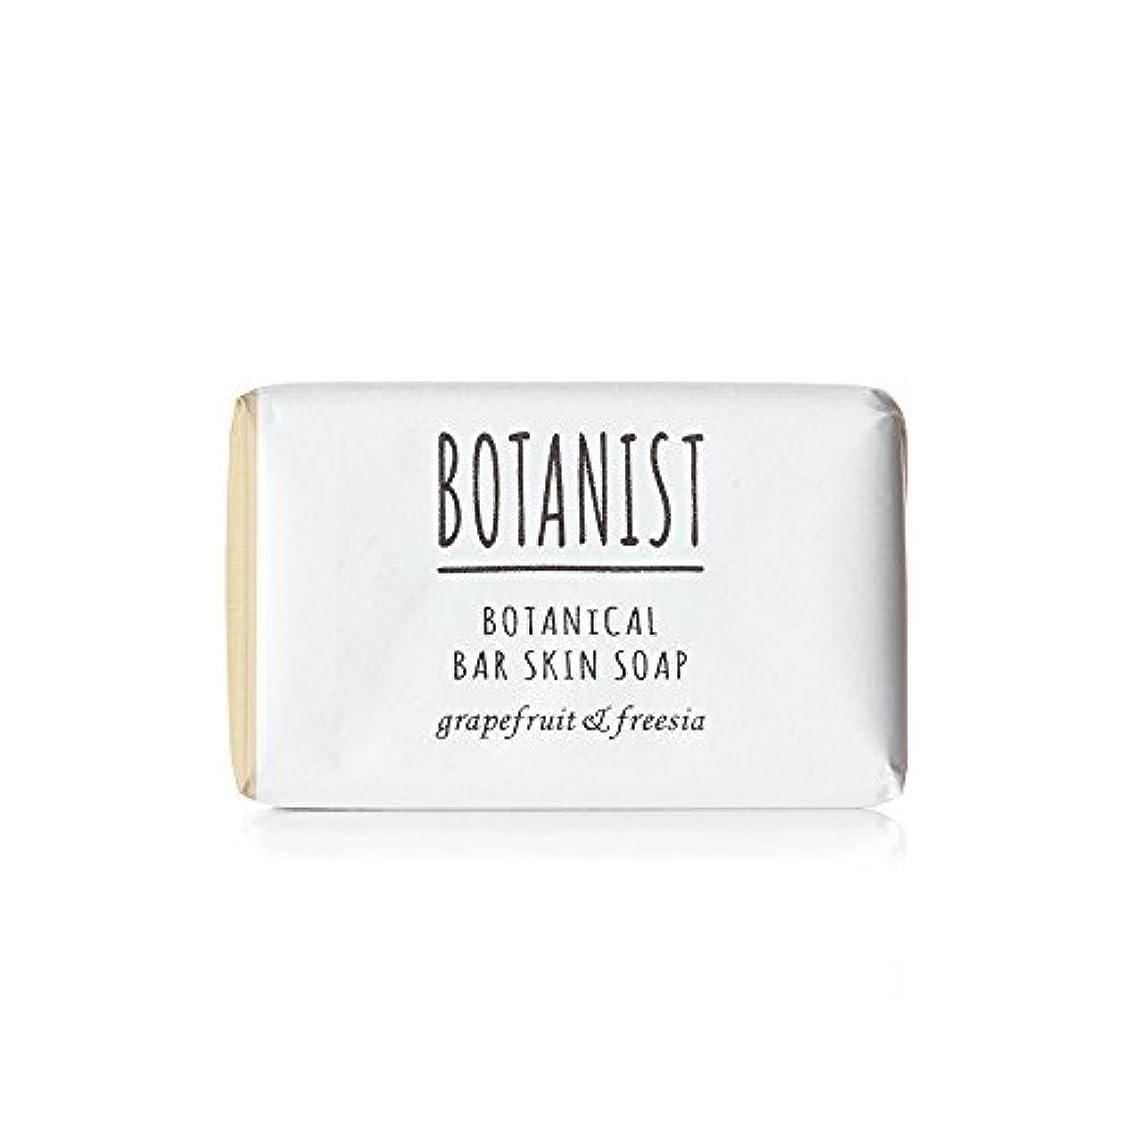 維持する反対する不満BOTANIST ボタニスト ボタニカル バースキンソープ 100g グレープフルーツ&フリージア